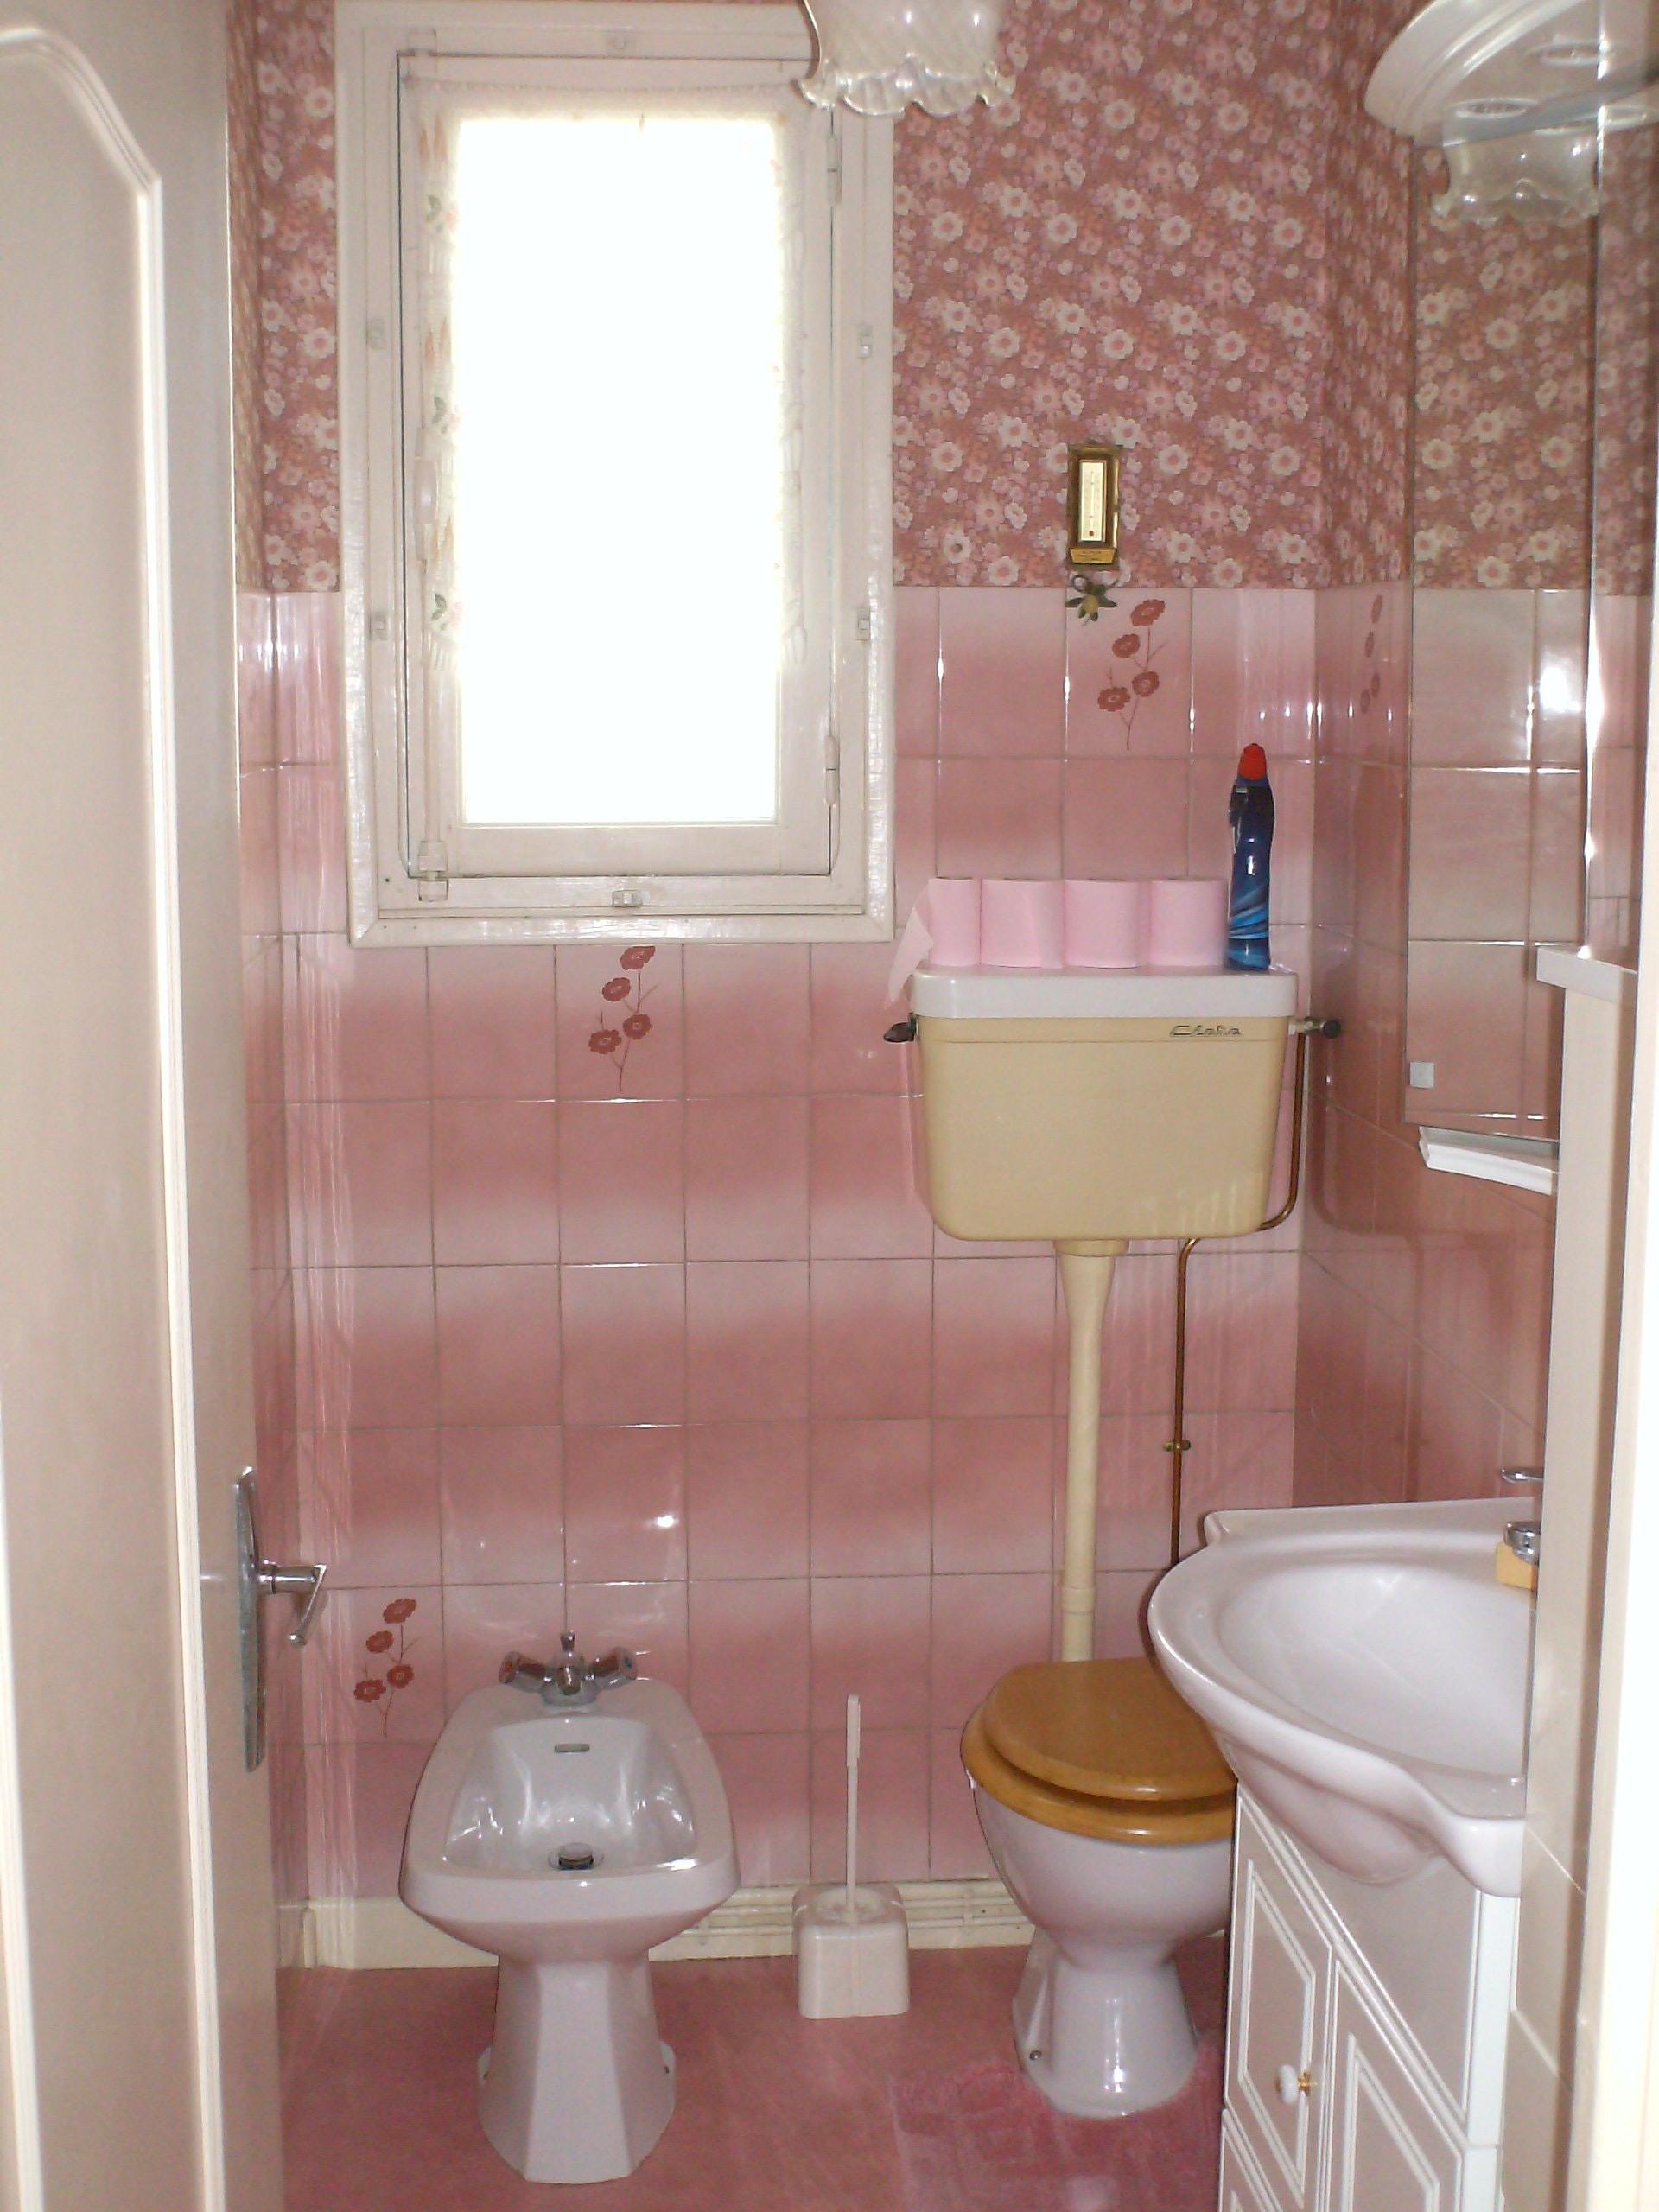 Refaire Une Salle De Bain A Moindre Cout Luxe Photos Joli Cout Renovation Salle De Bain Idée Malgré Progresser Ta Pays